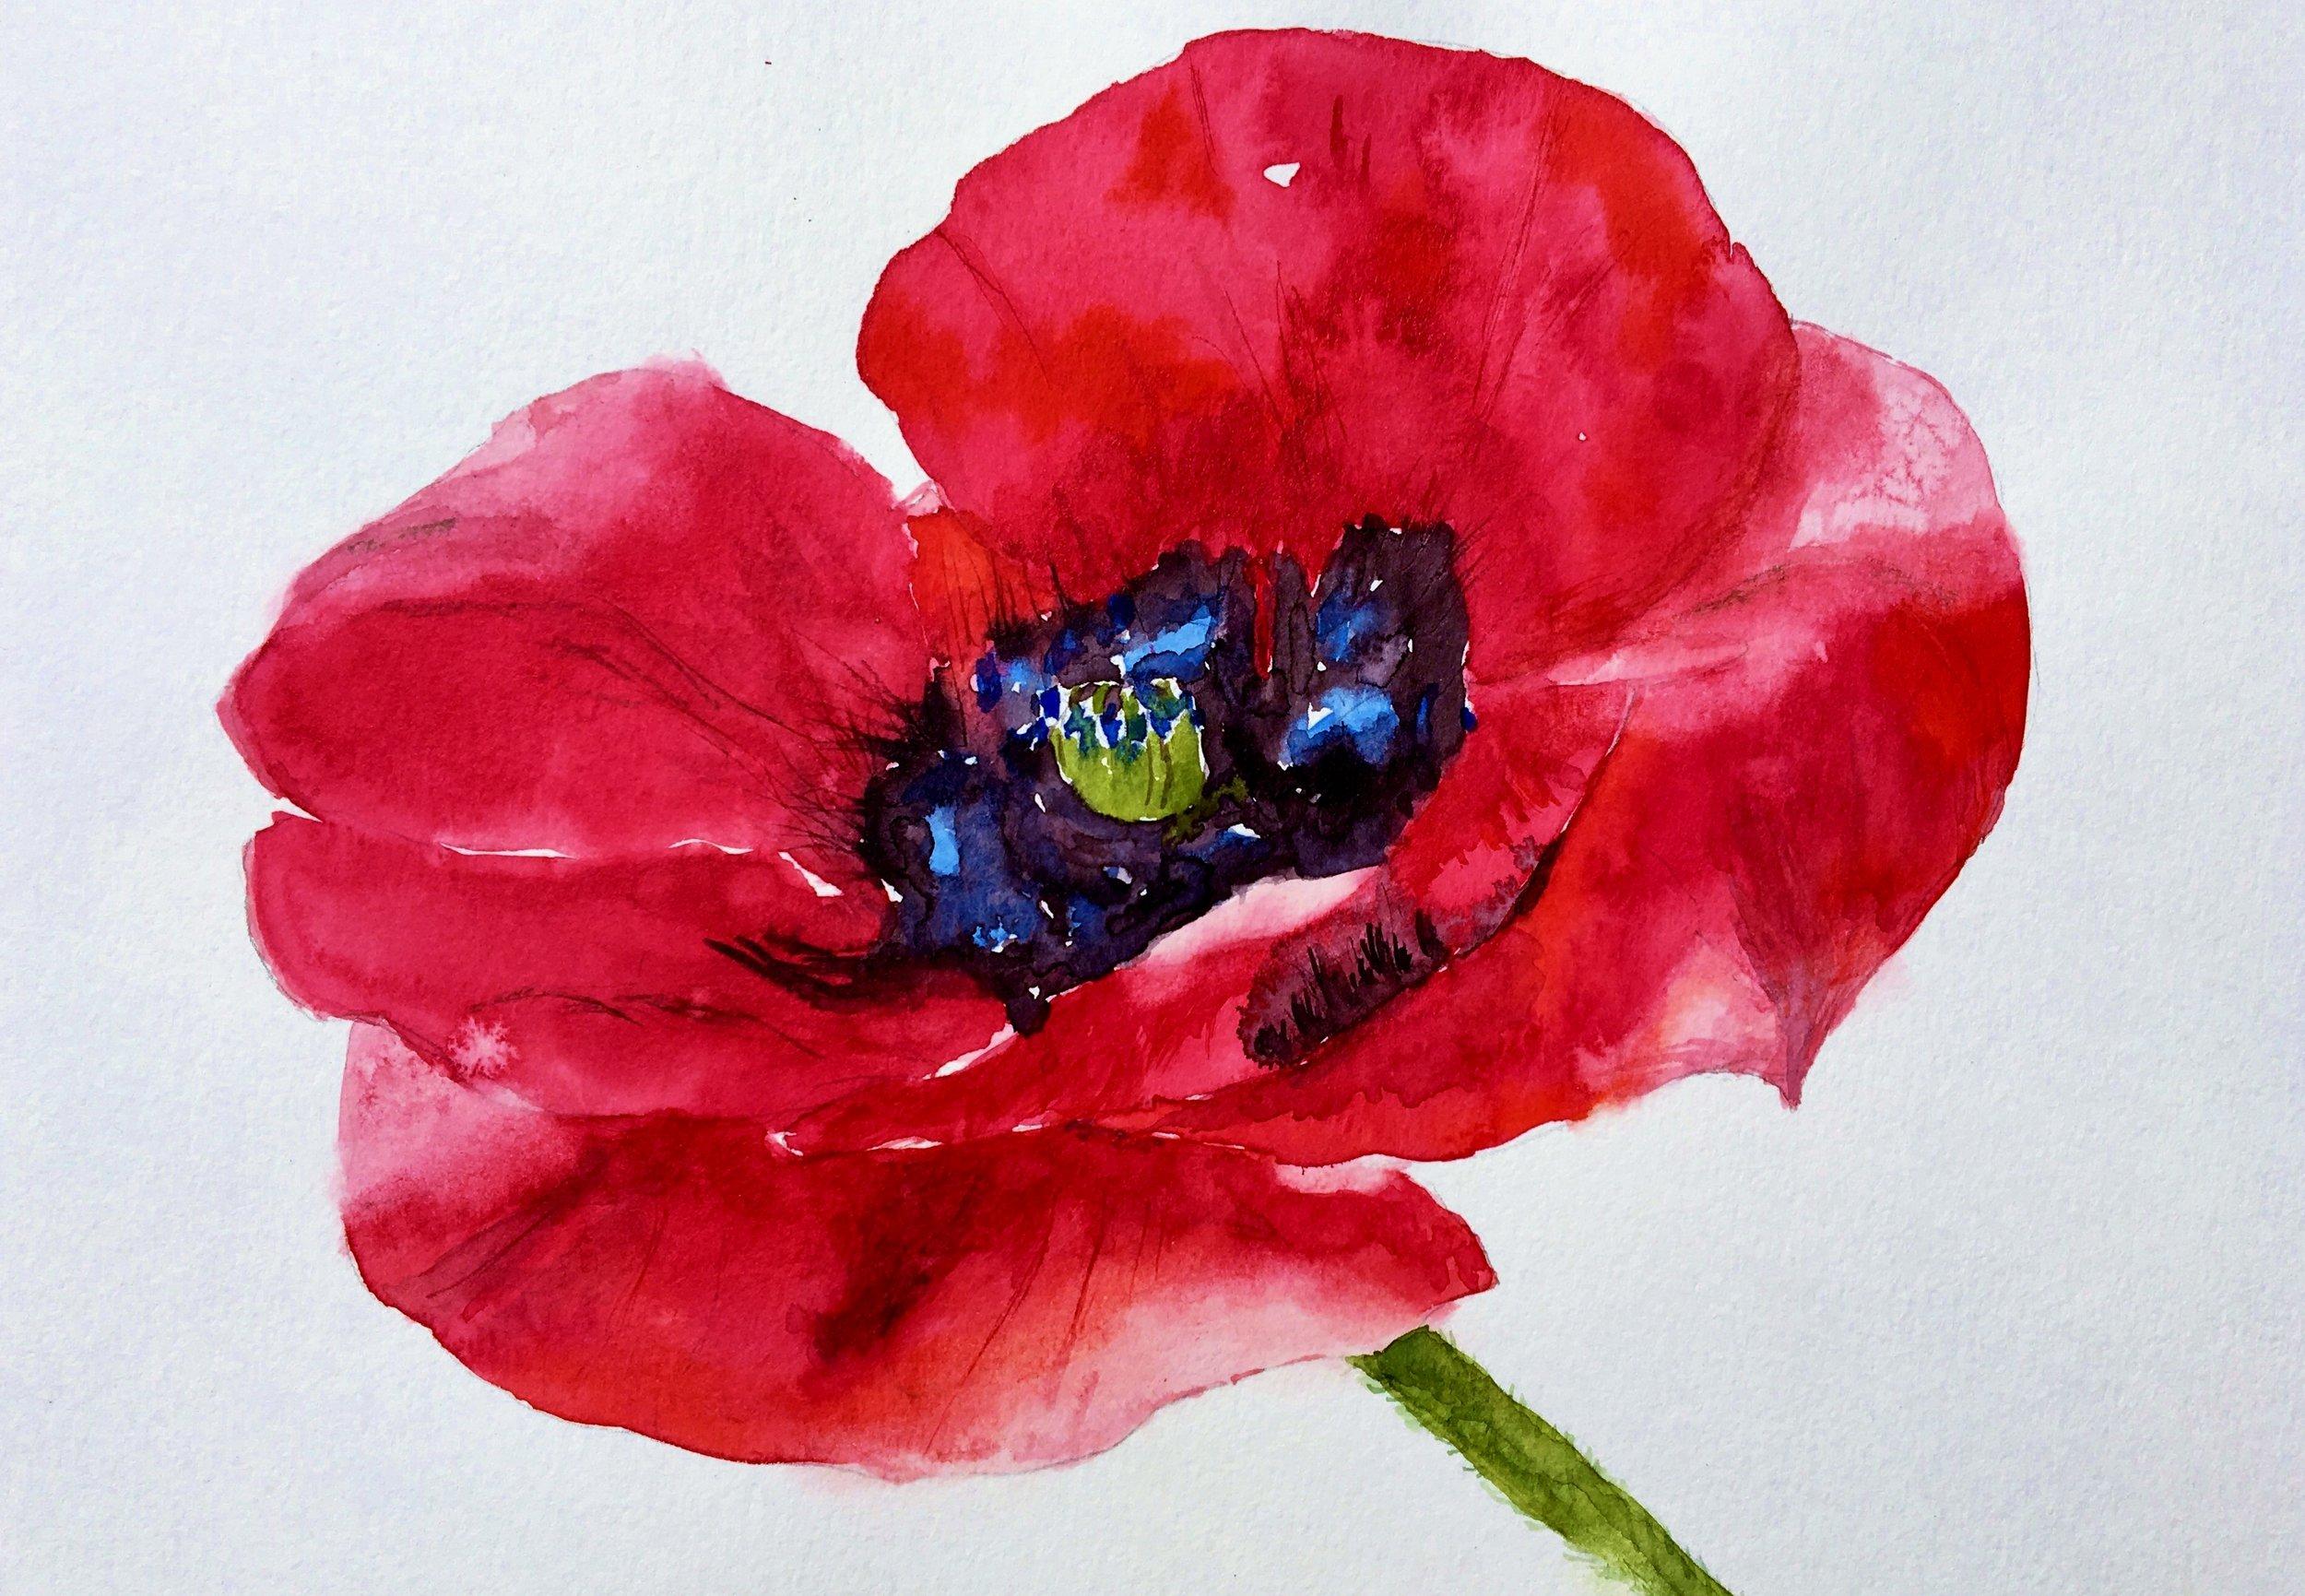 poppy pic for card.jpg